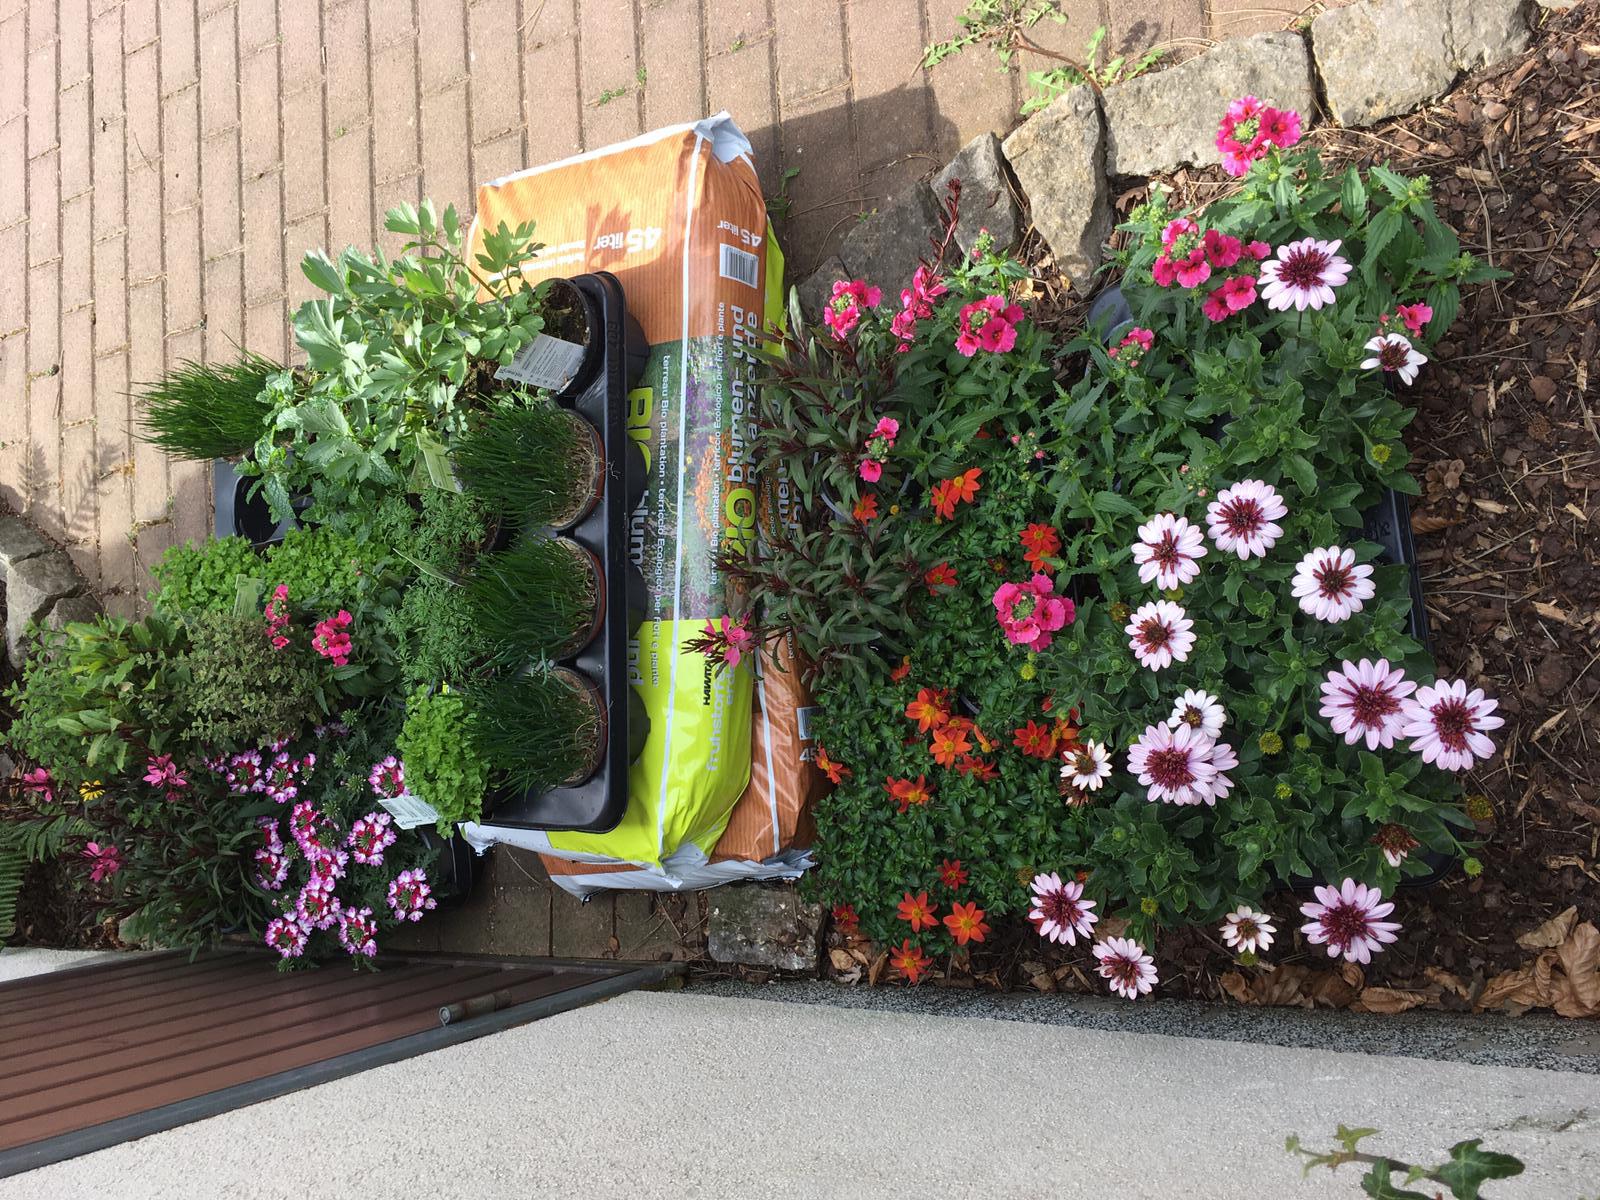 Beschäftigung im Garten